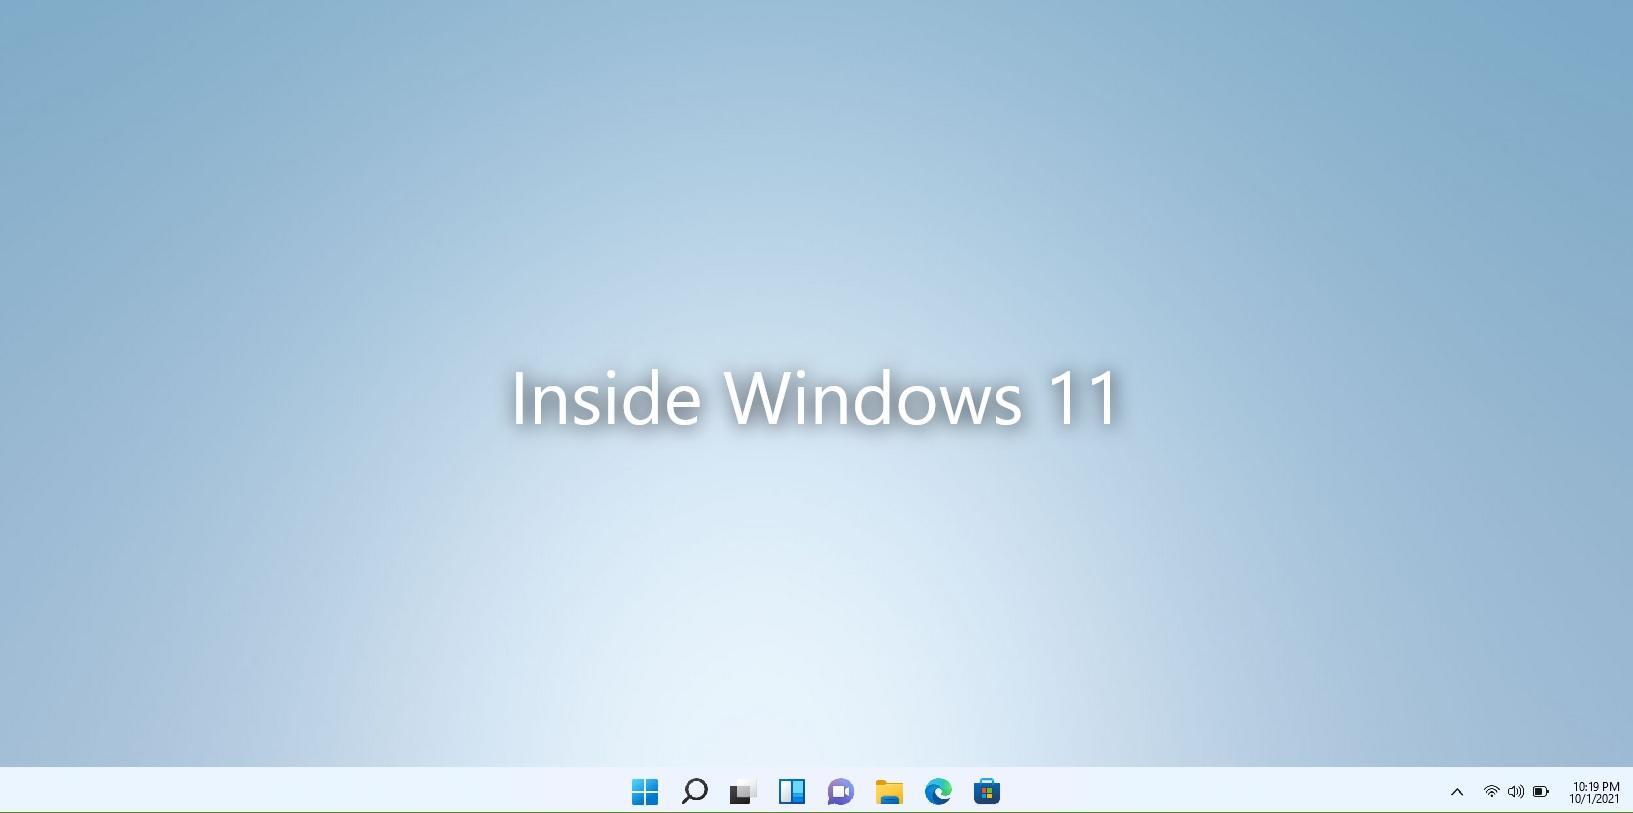 Windows 11 Come in